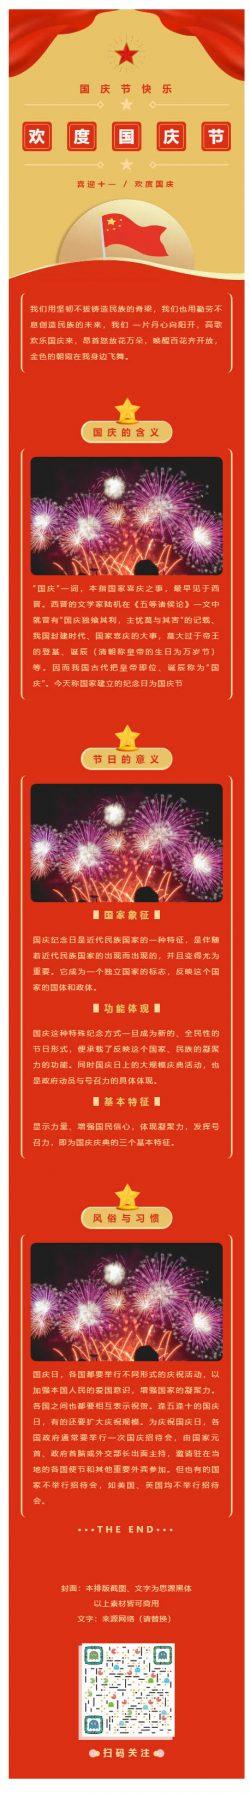 纪念日国庆节70周年红色党政风格模板微信推文素材推送文章